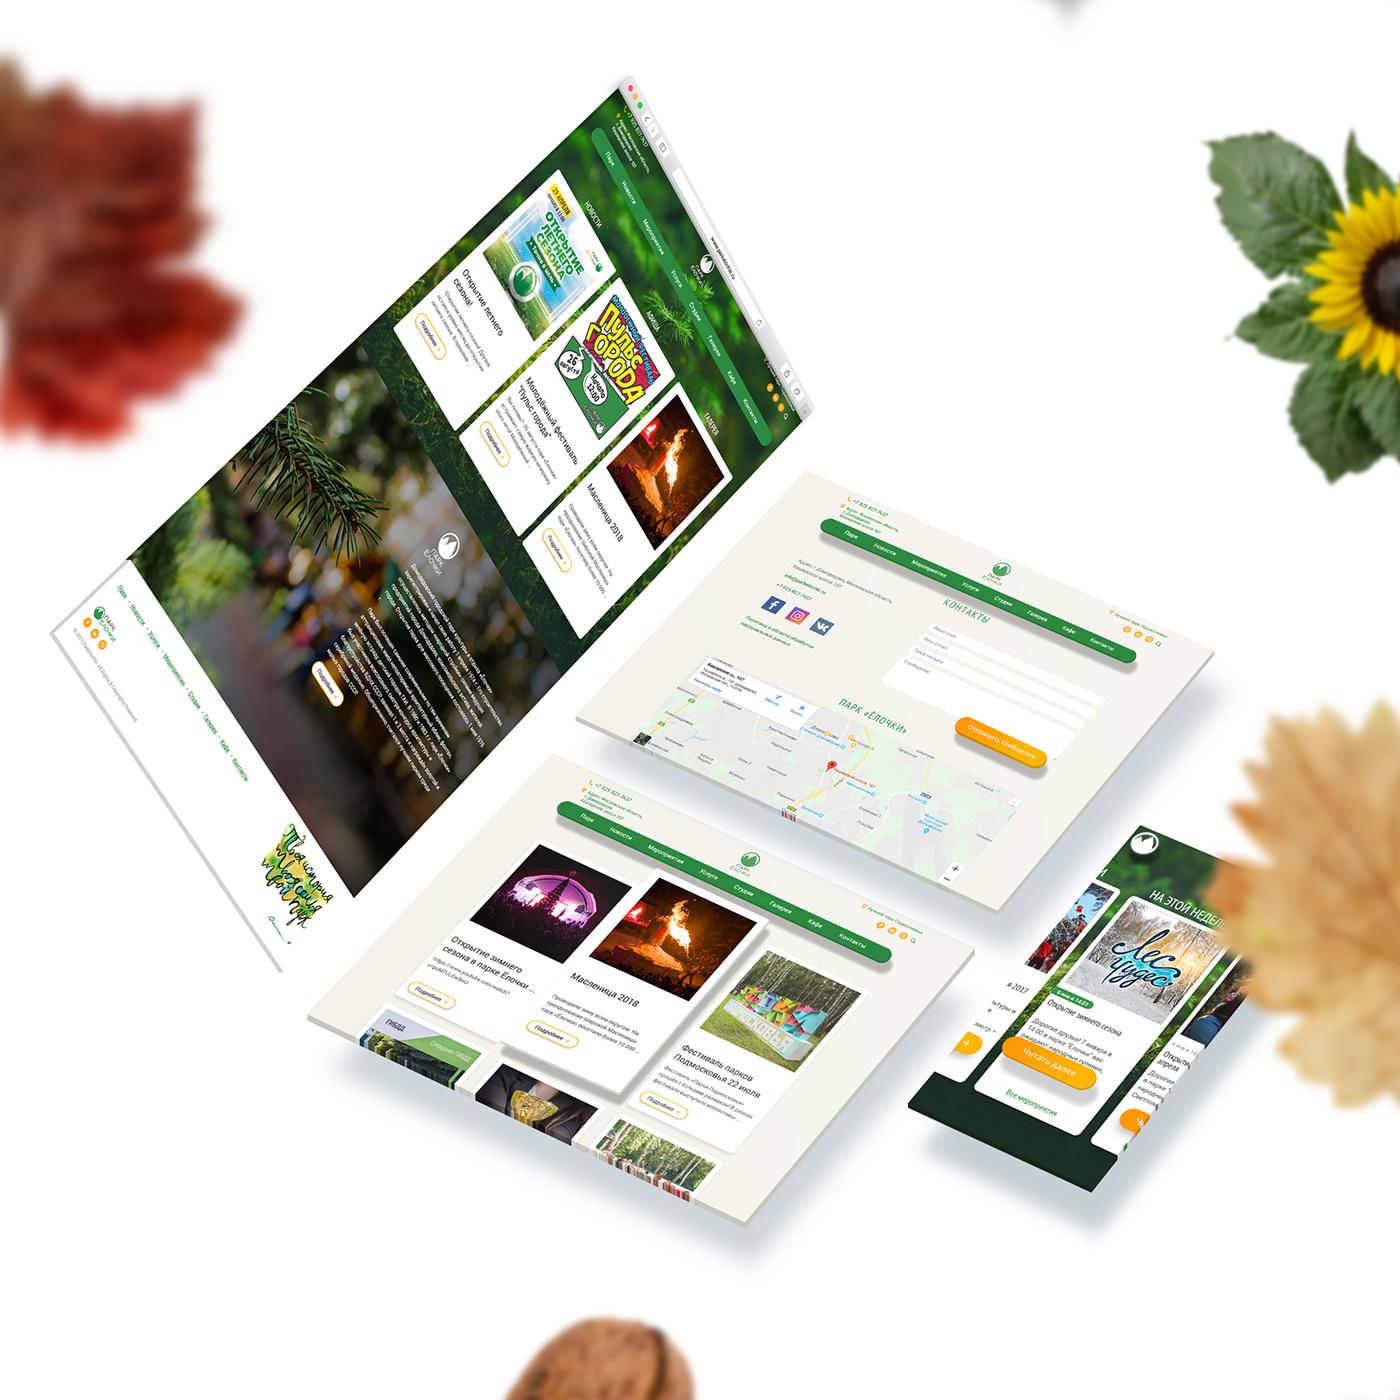 Web uidesign uxdesign design Webdesign DesignWeb uiuxdesign uiux uxui denisespinoza